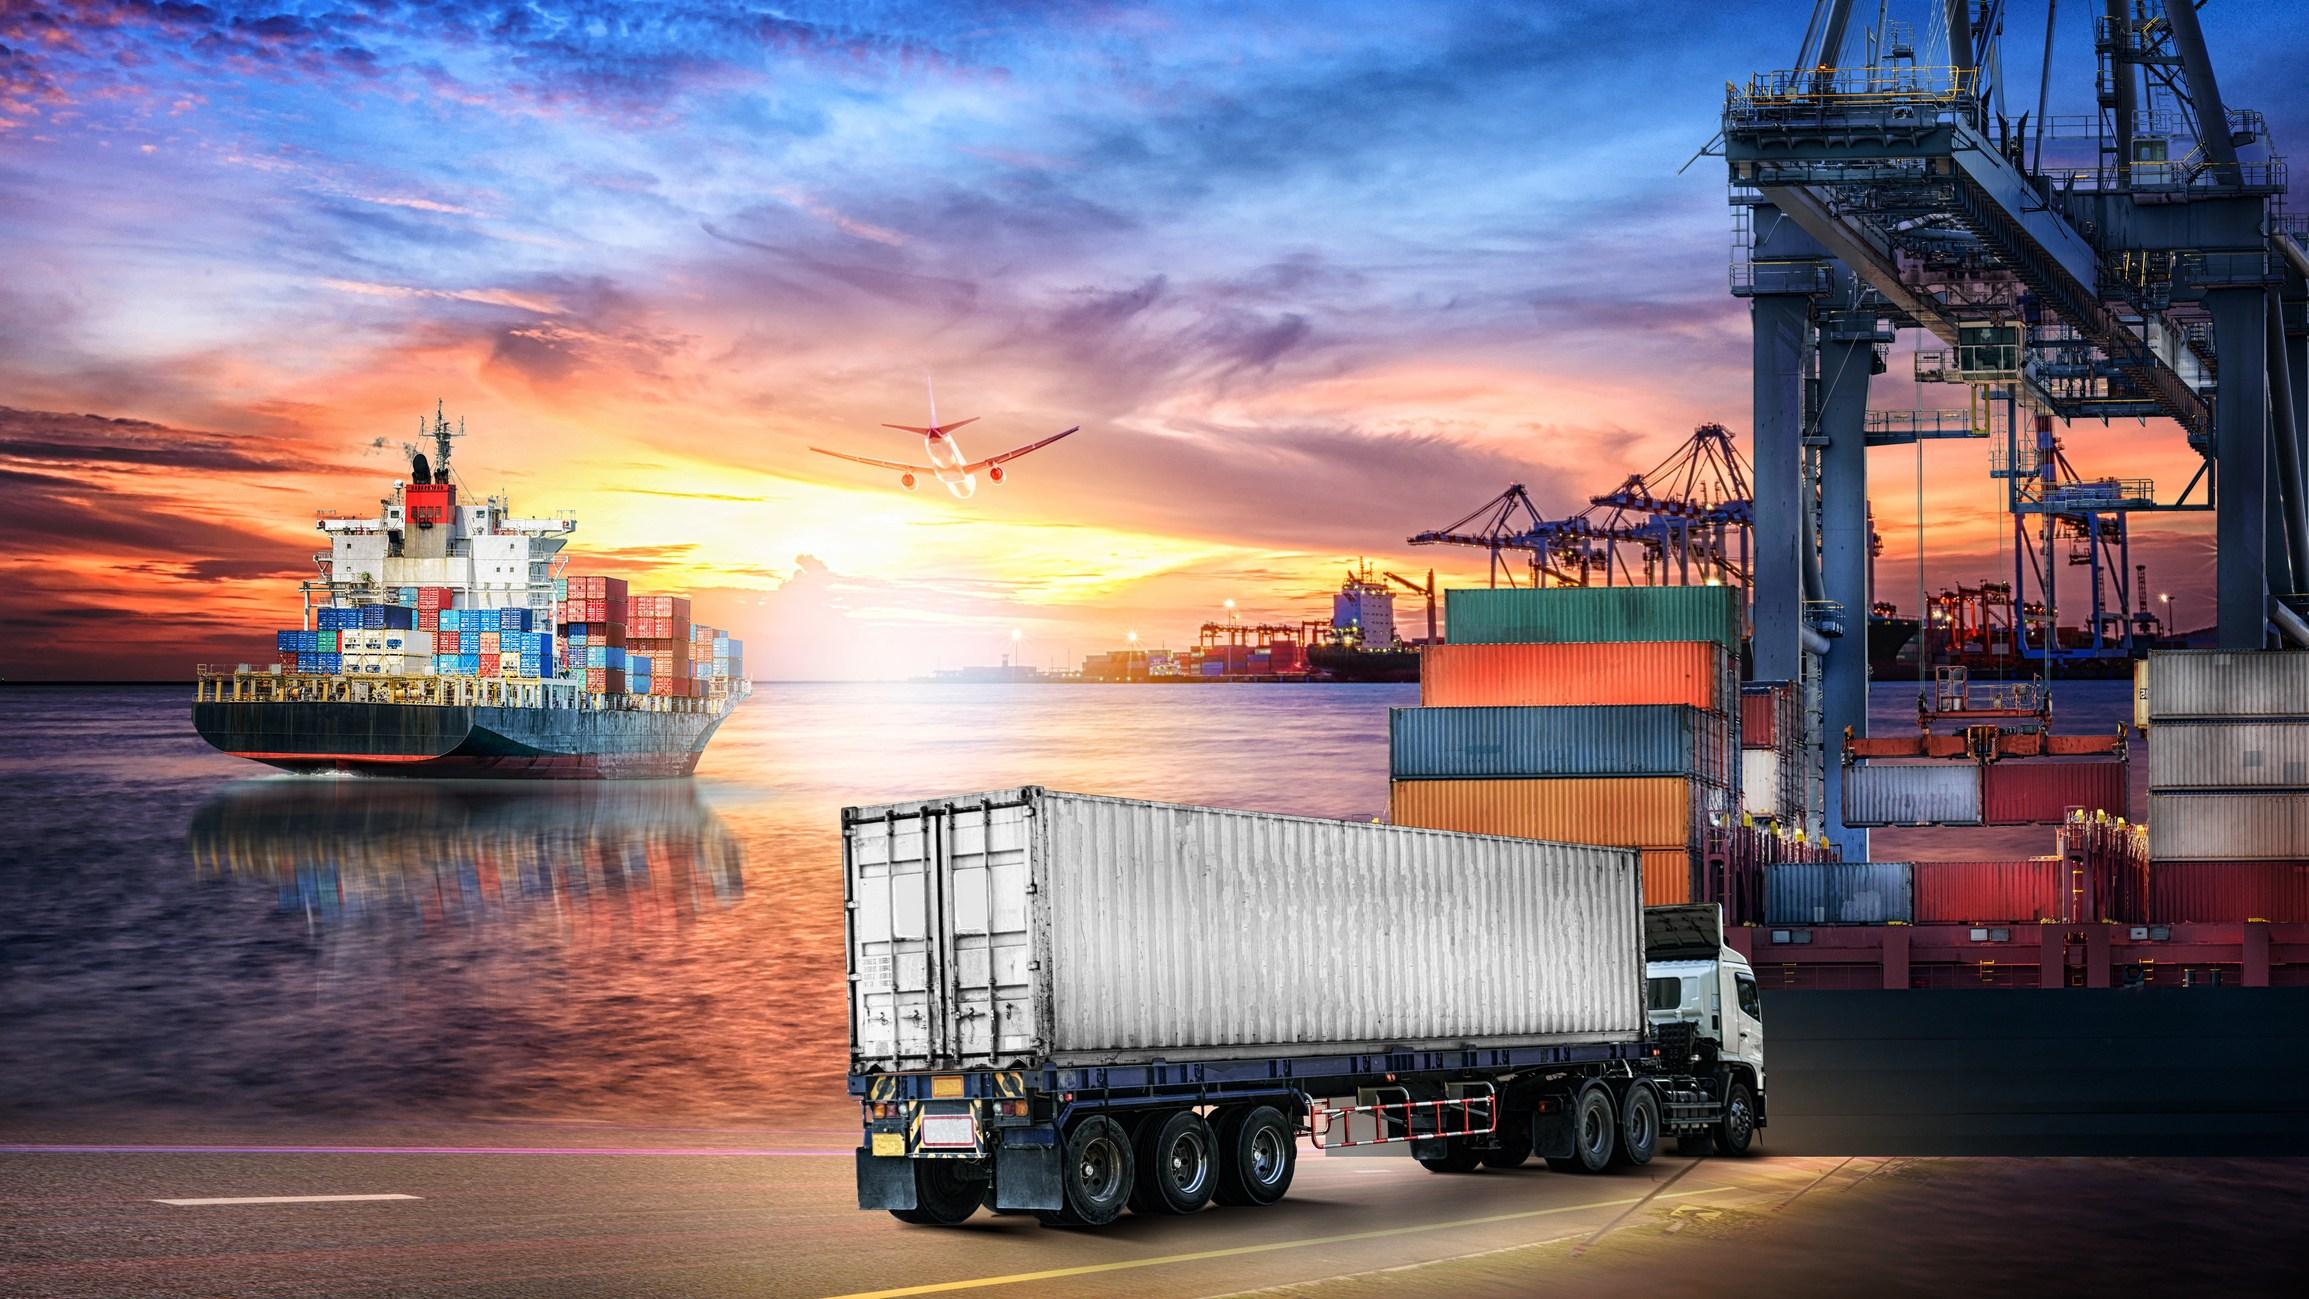 pasaulio prekybos sistemos tendencijas ir iššūkius